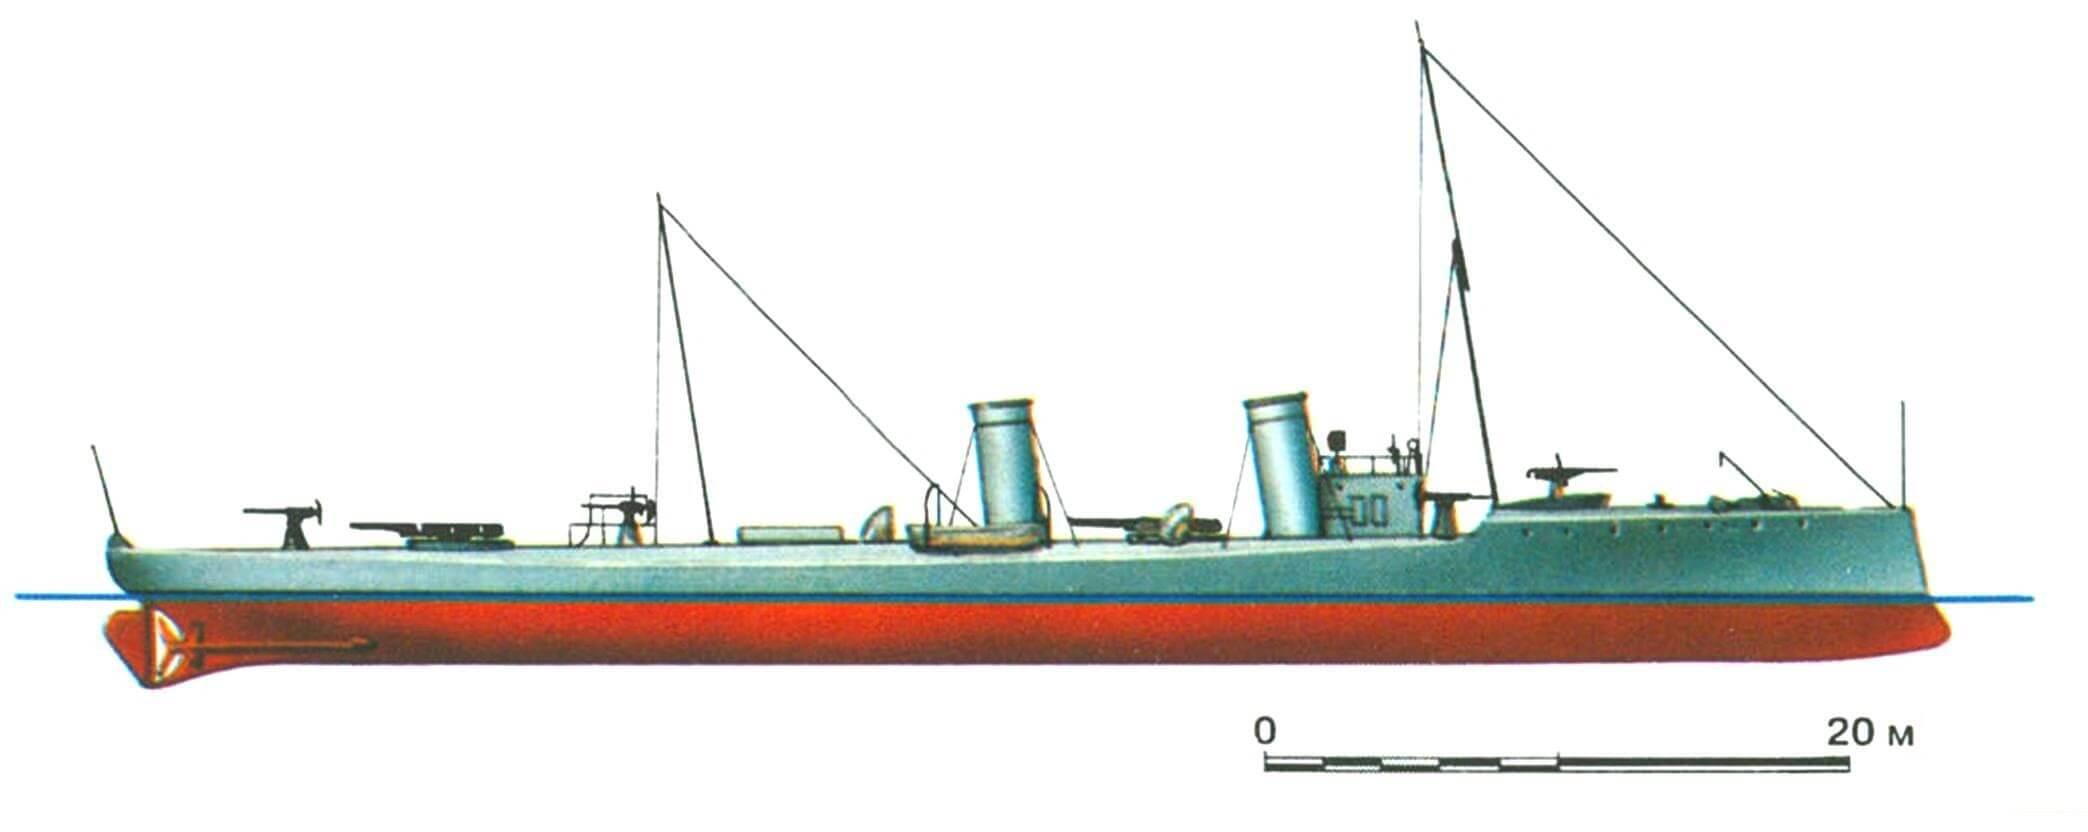 127. Эскадренный миноносец «Лампо», Италия, 1899 г.